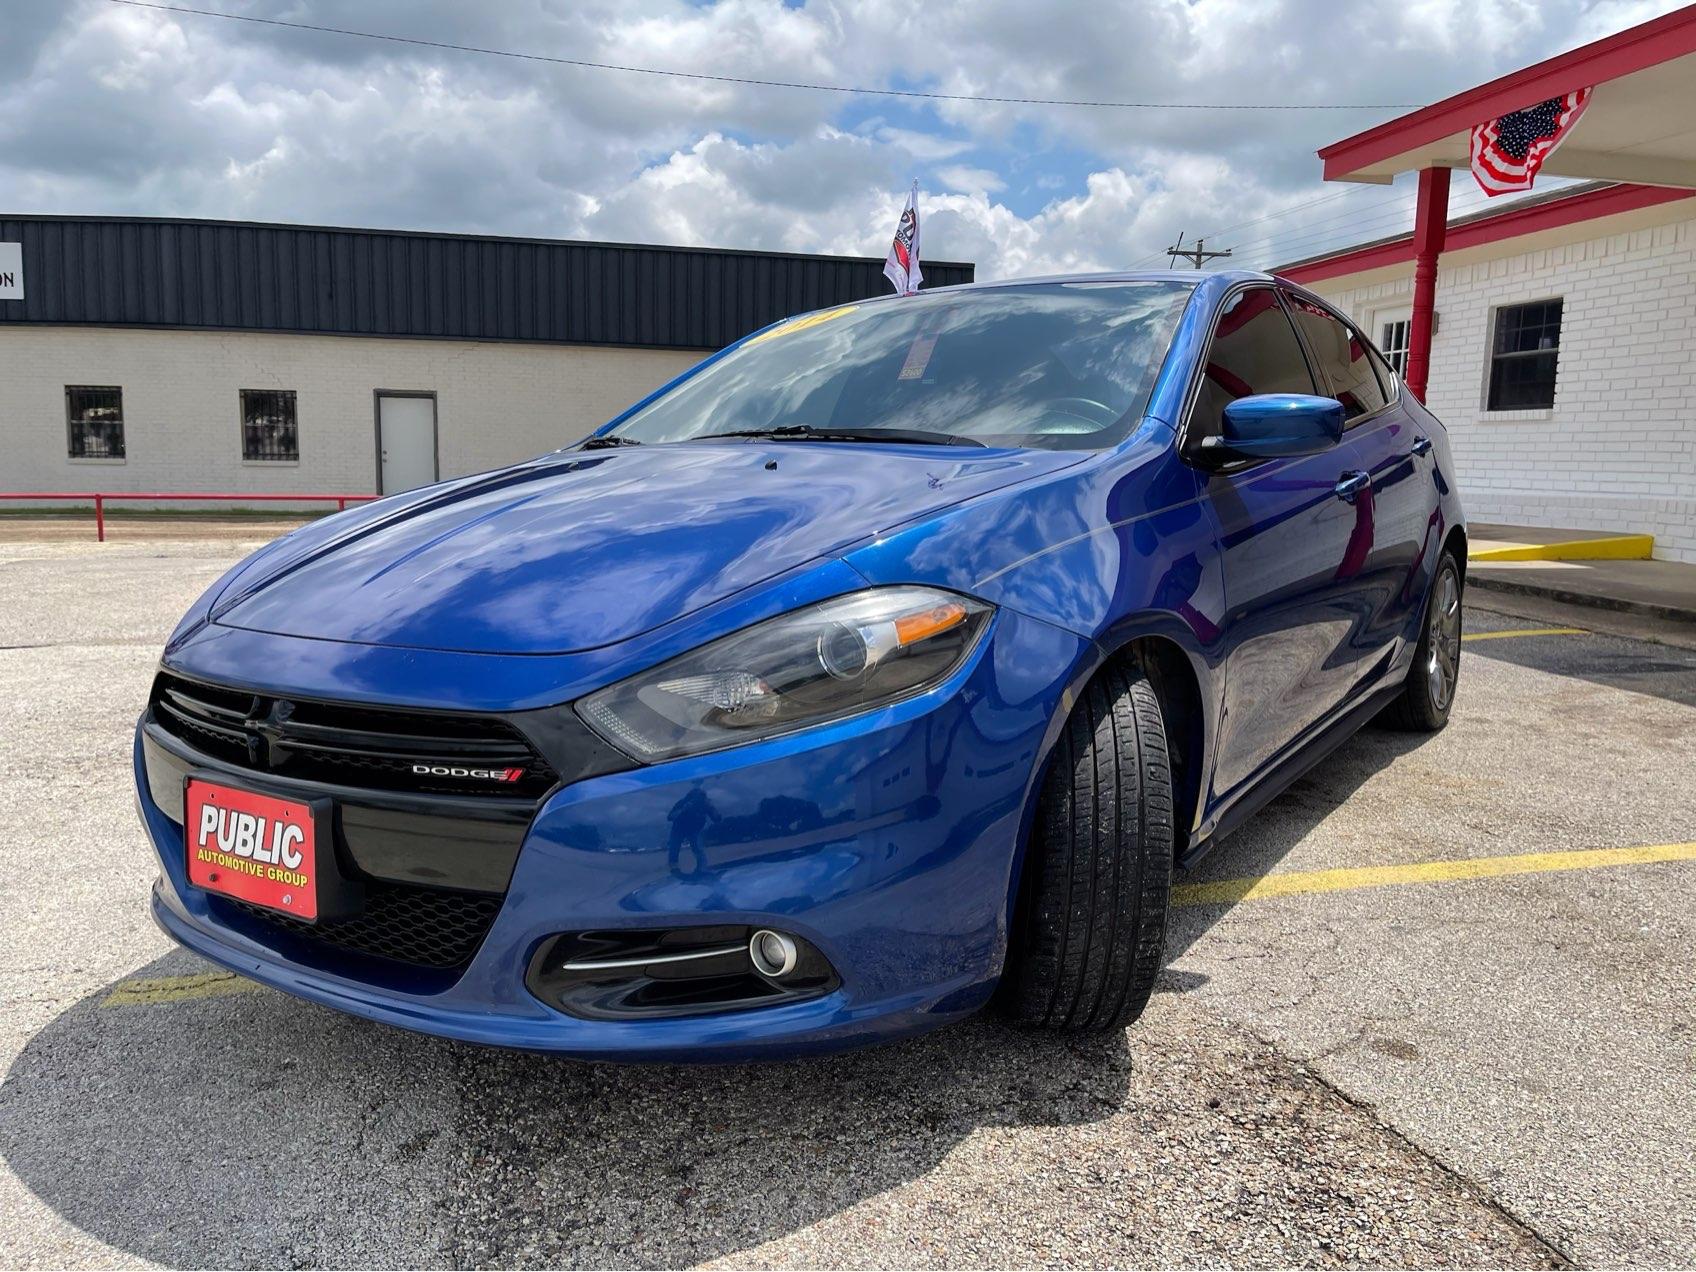 used vehicle - Sedan DODGE DART 2014